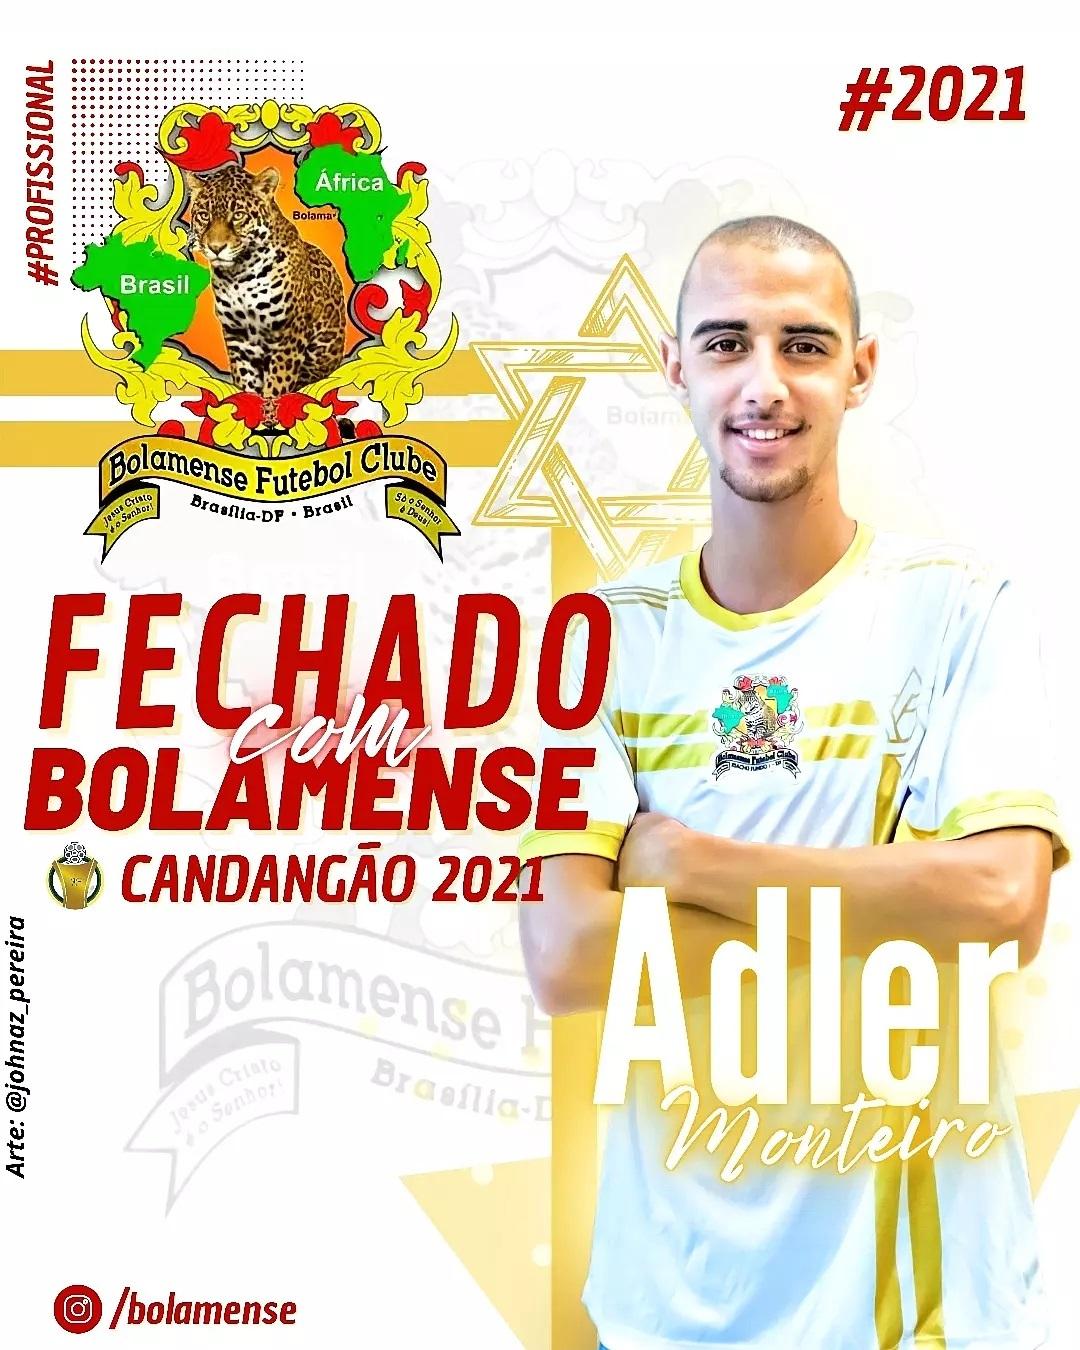 adler_juan04_20210925_062301_0 Monteirense é contratado pelo time Bolamense FC em Brasília